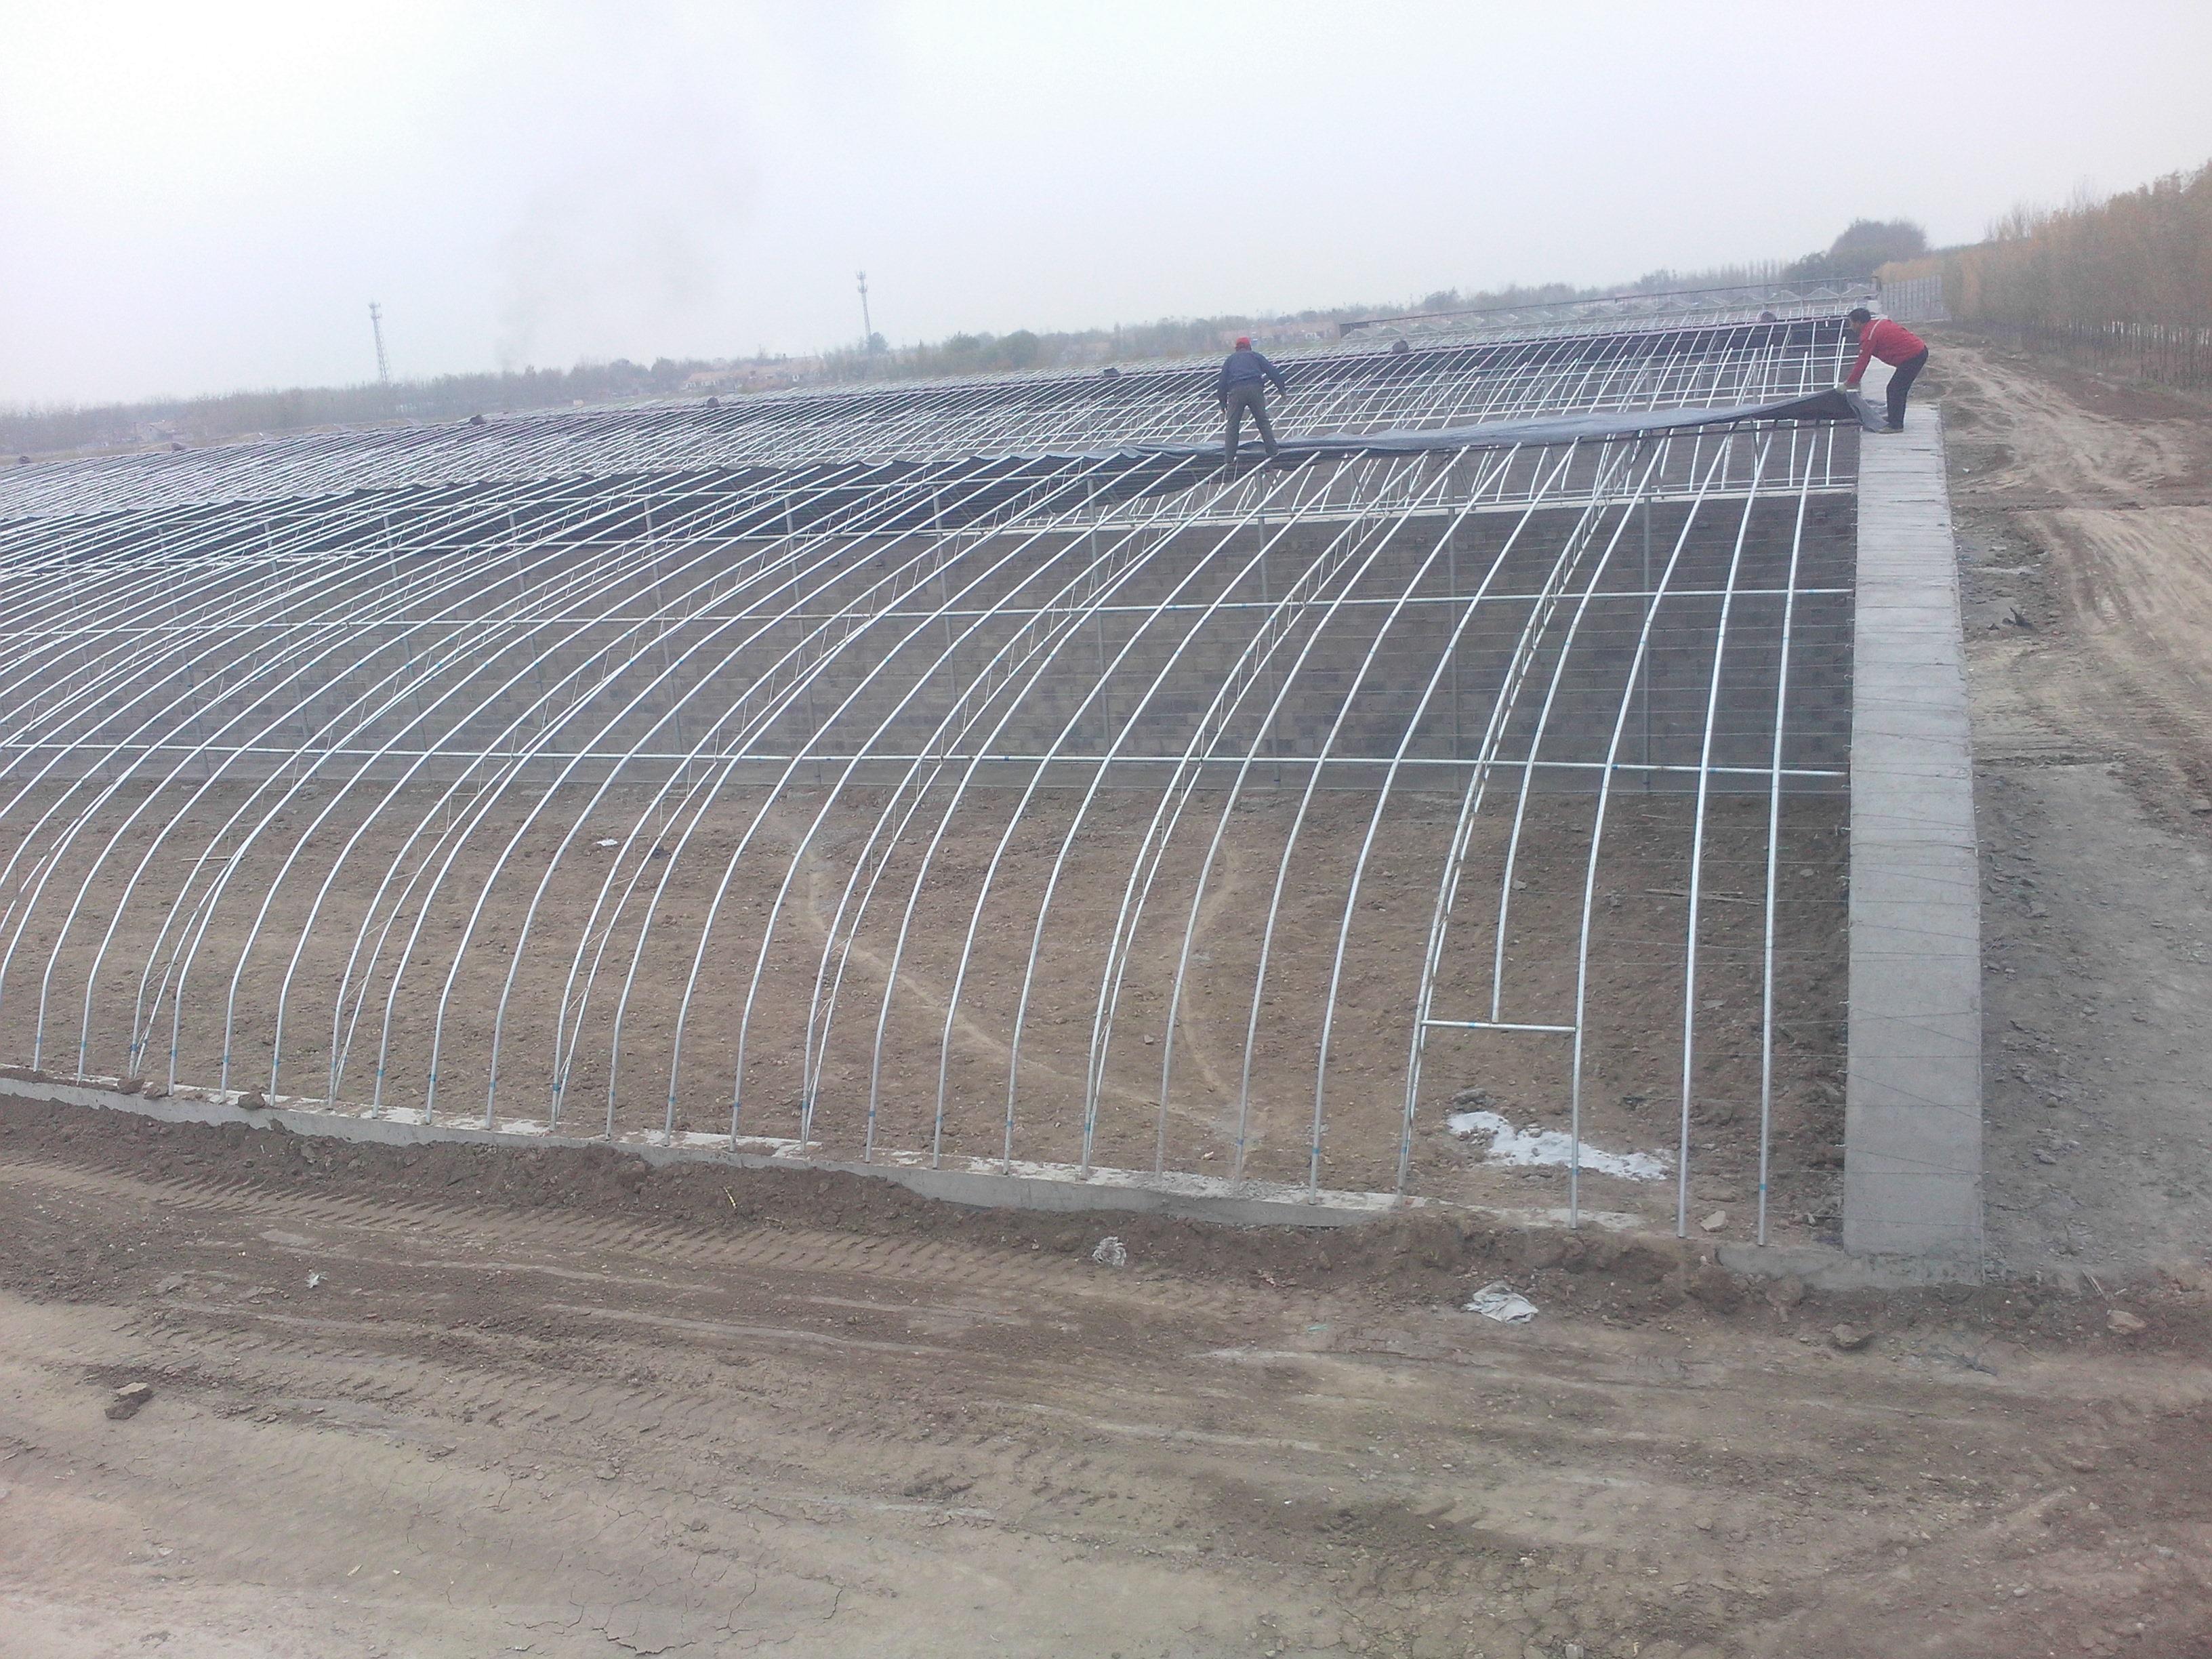 北京平谷智能温室大棚建设,北京平谷智能温室大棚造价,北京智能大棚